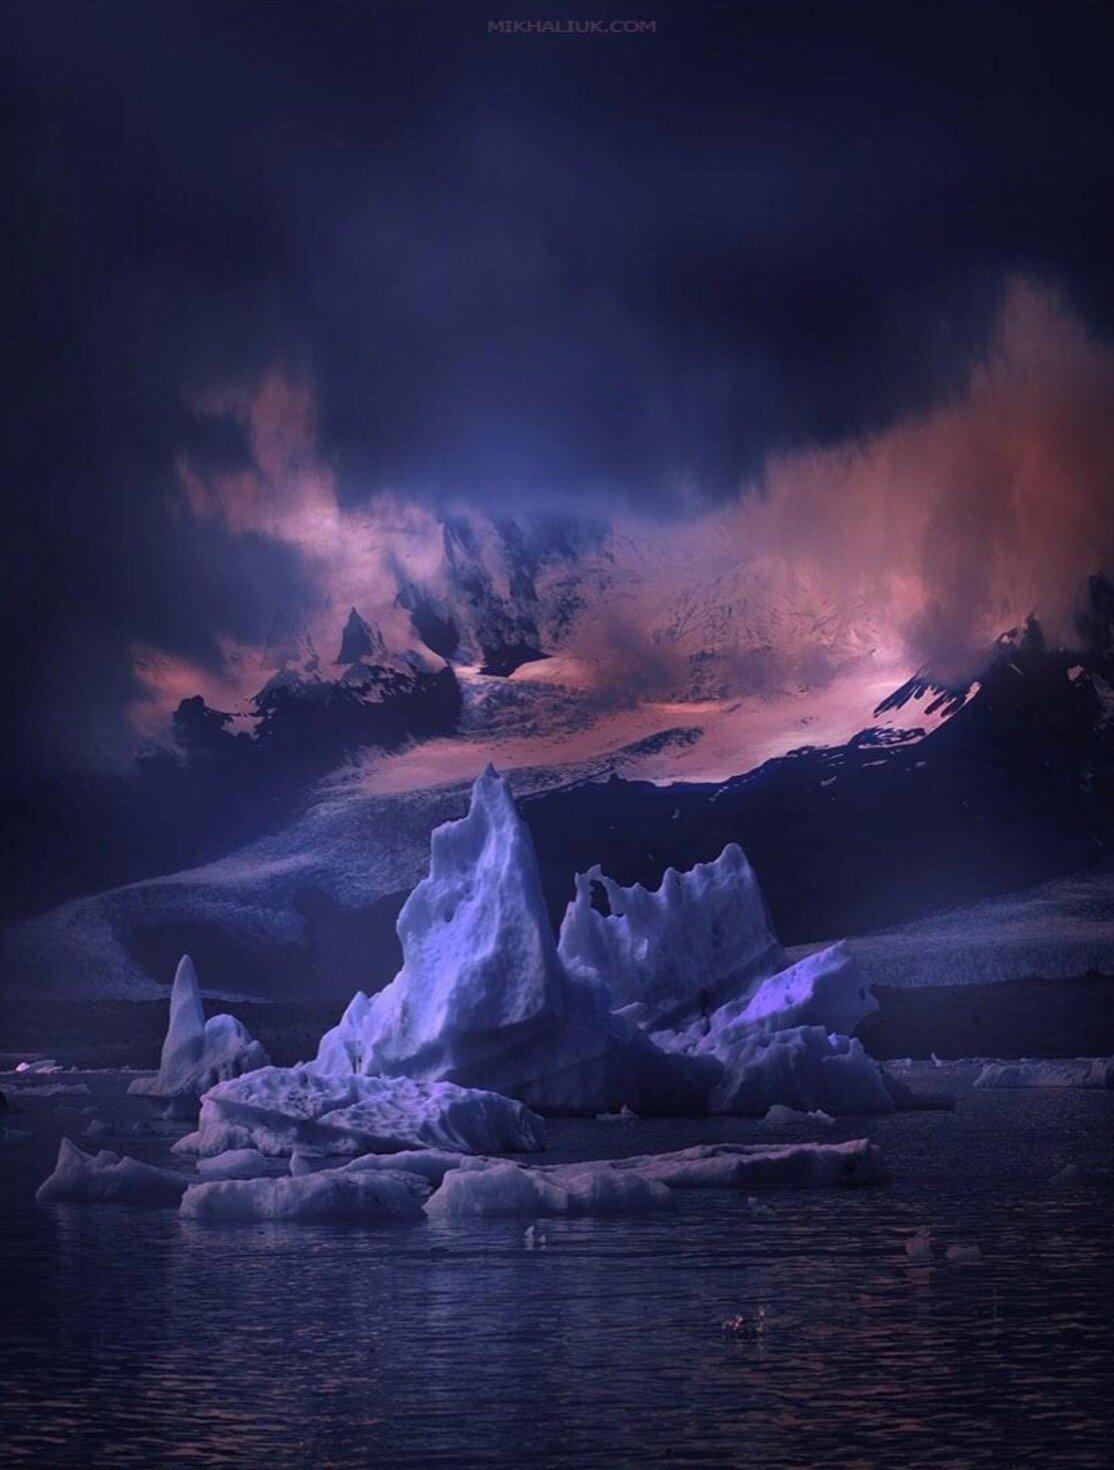 iceland 2.jpeg